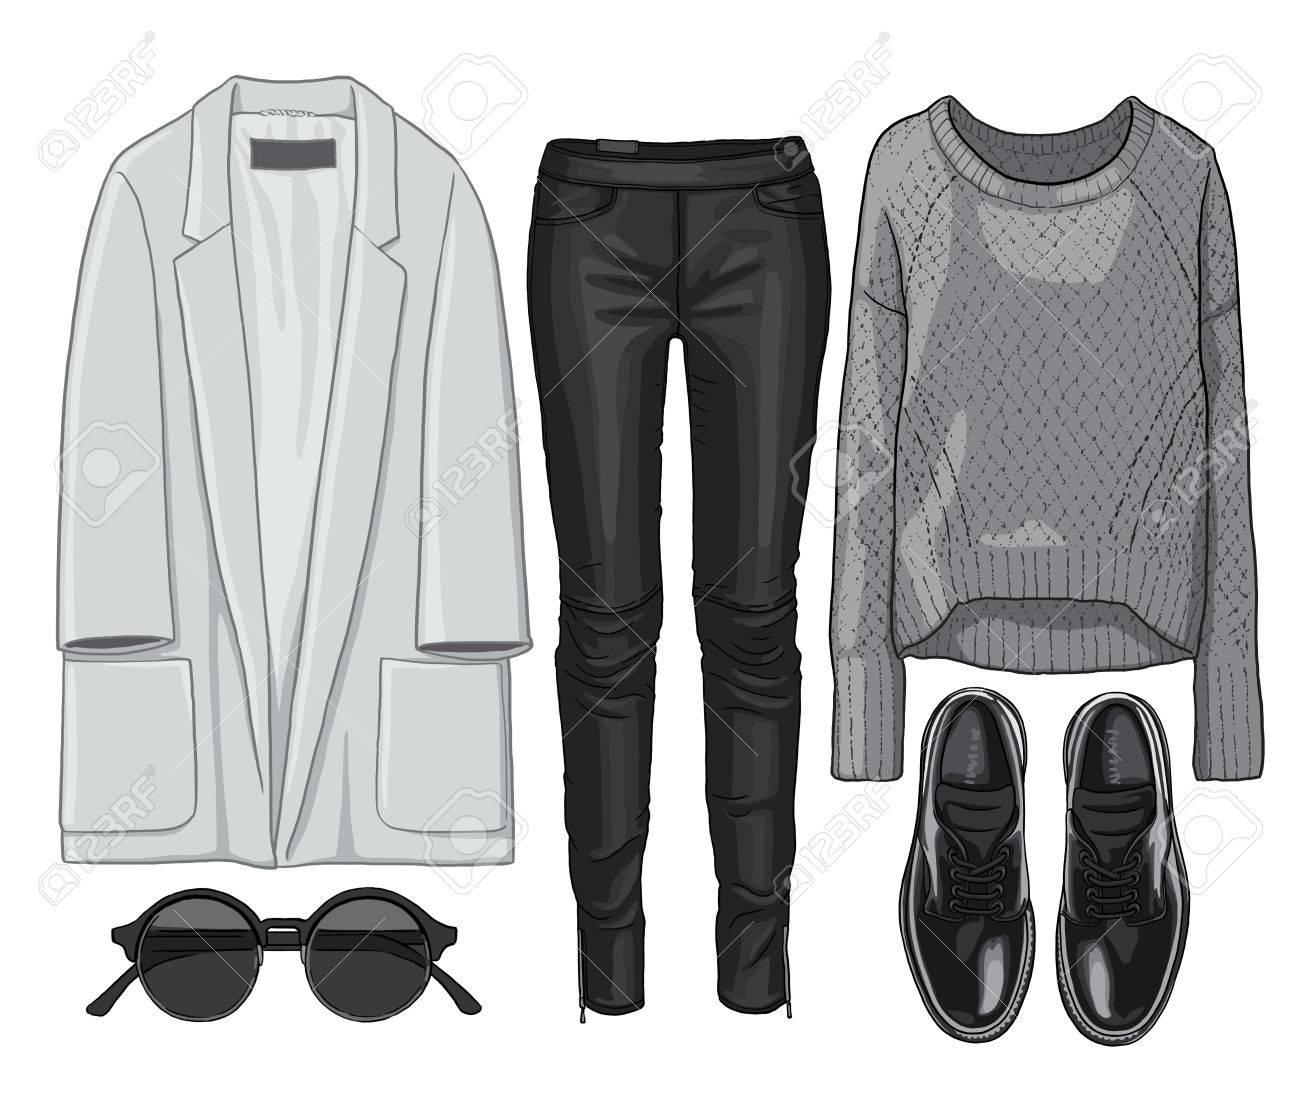 79b8950bac780 写真素材 - 女性ファッションは秋の季節の服のセットです。図スタイリッシュでトレンディな服。コート、レザーパンツ、プルオーバー、サングラス、靴。